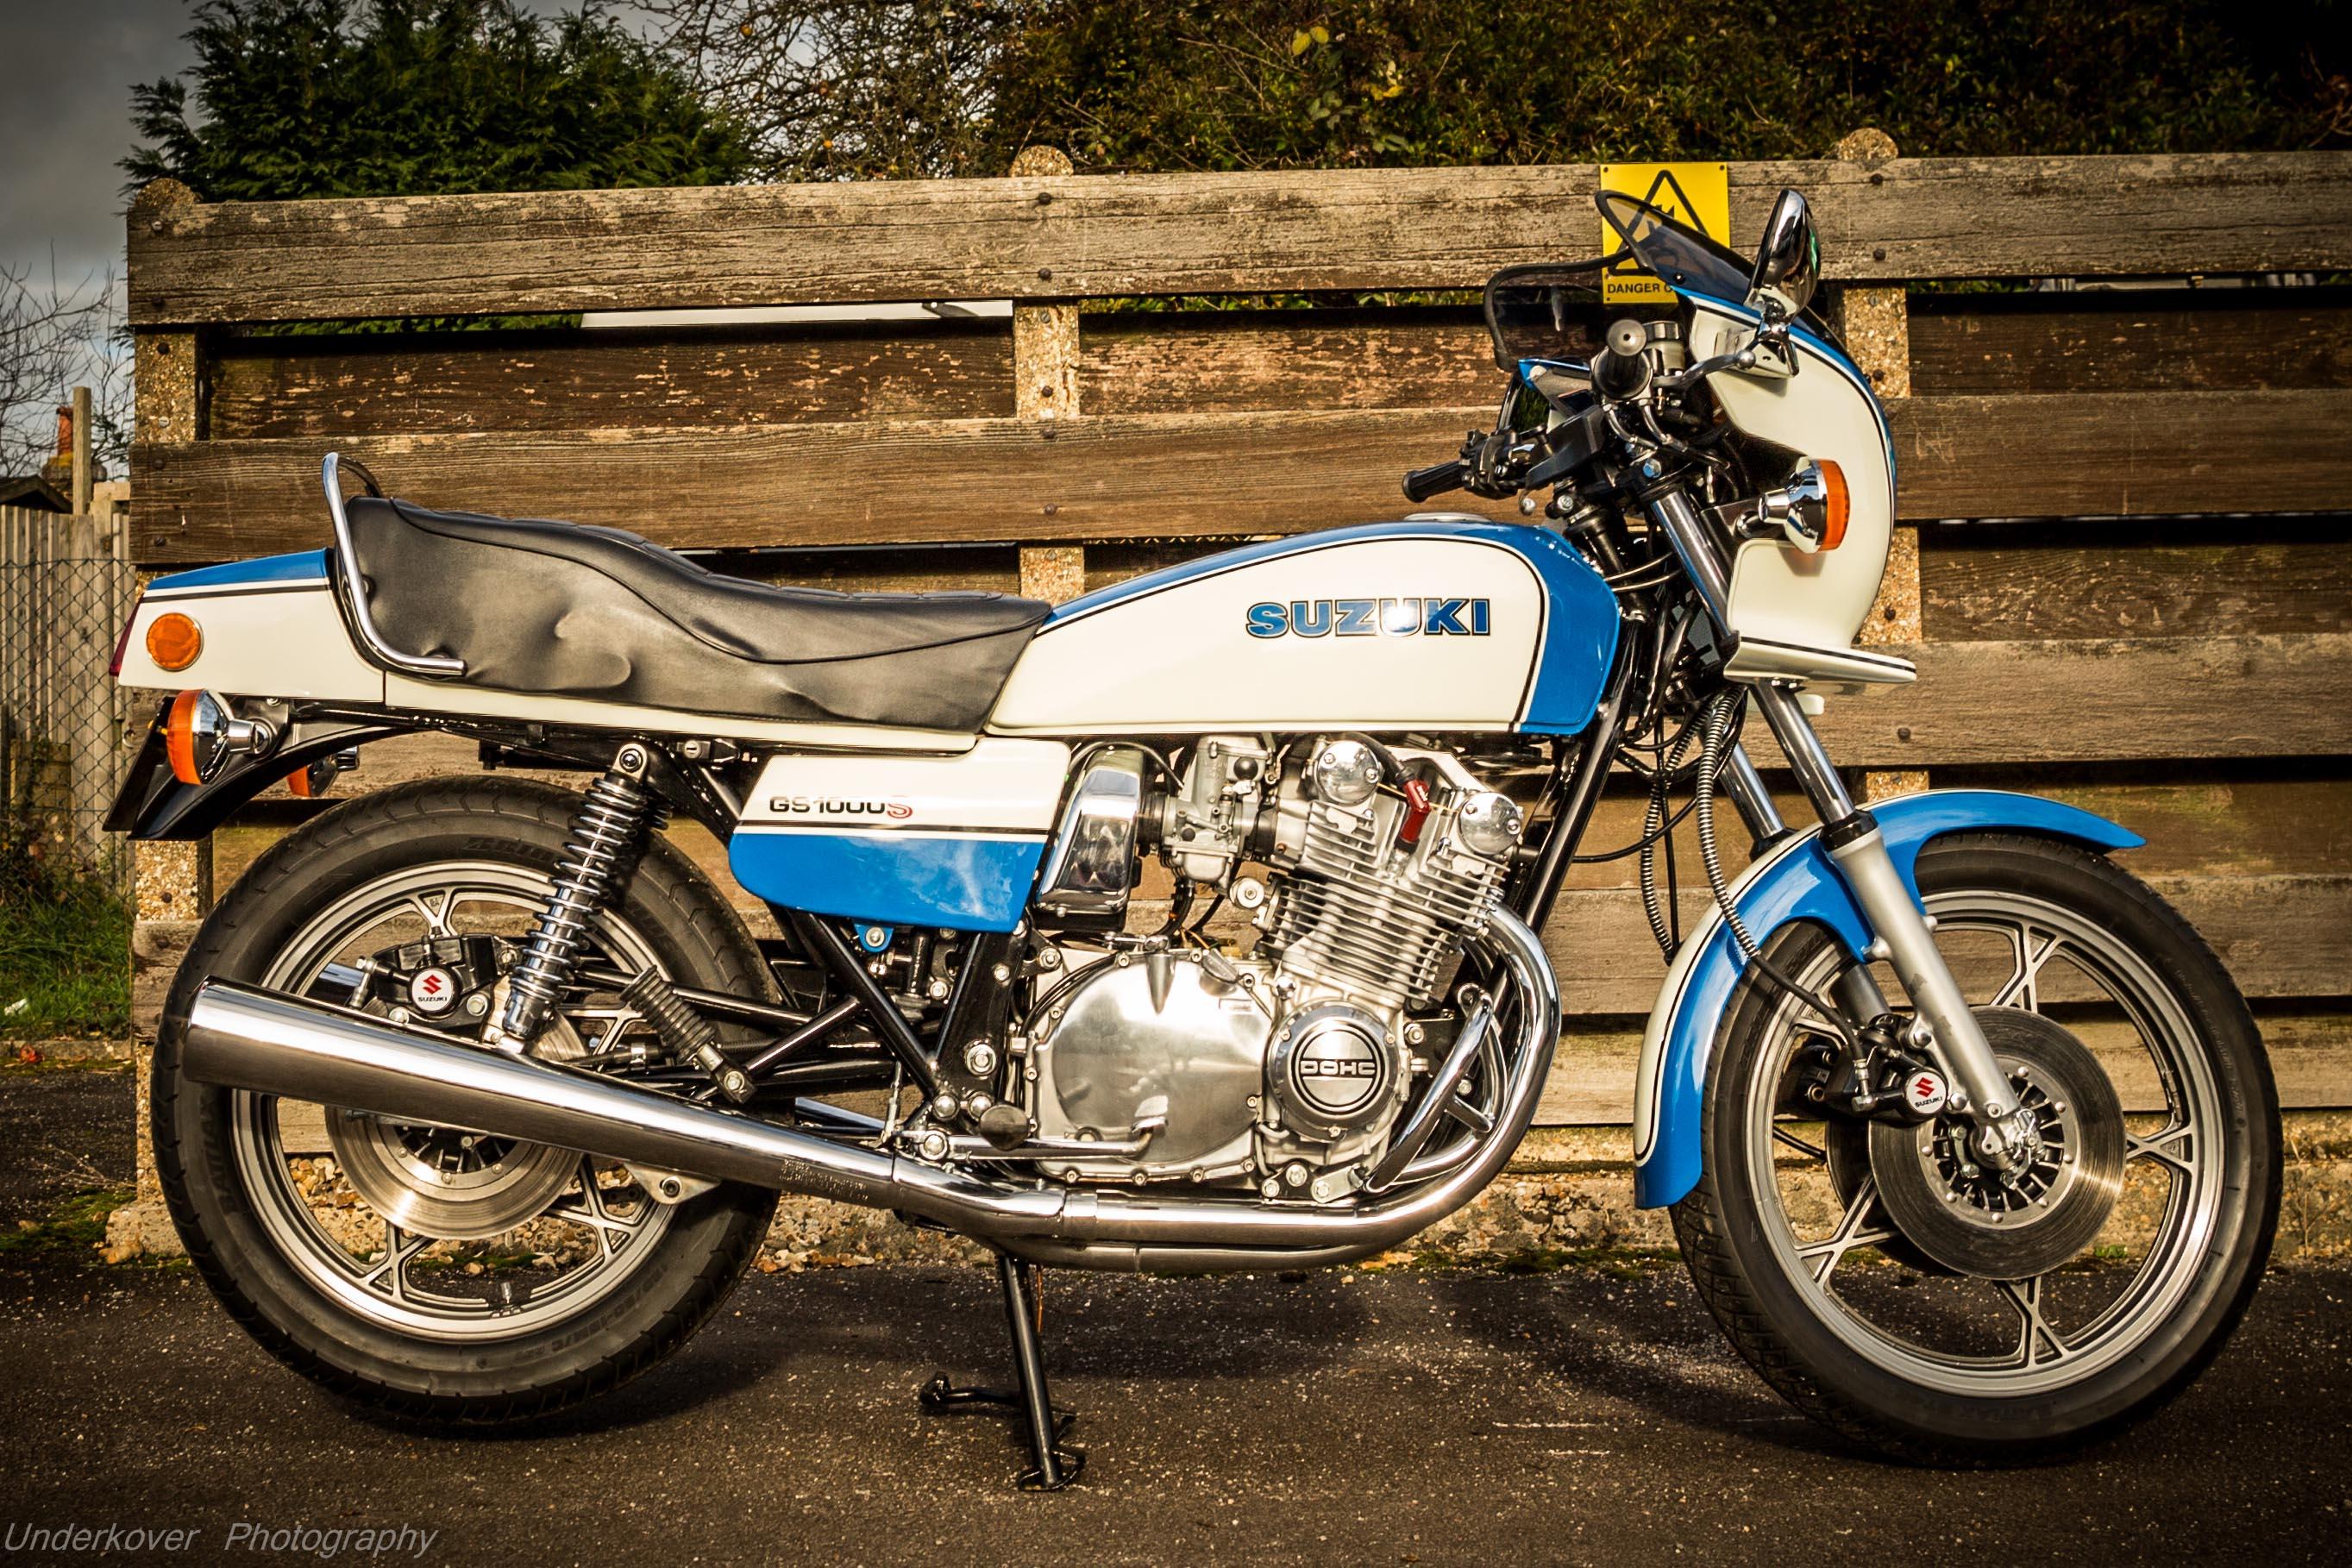 1979 Suzuki GS1000S